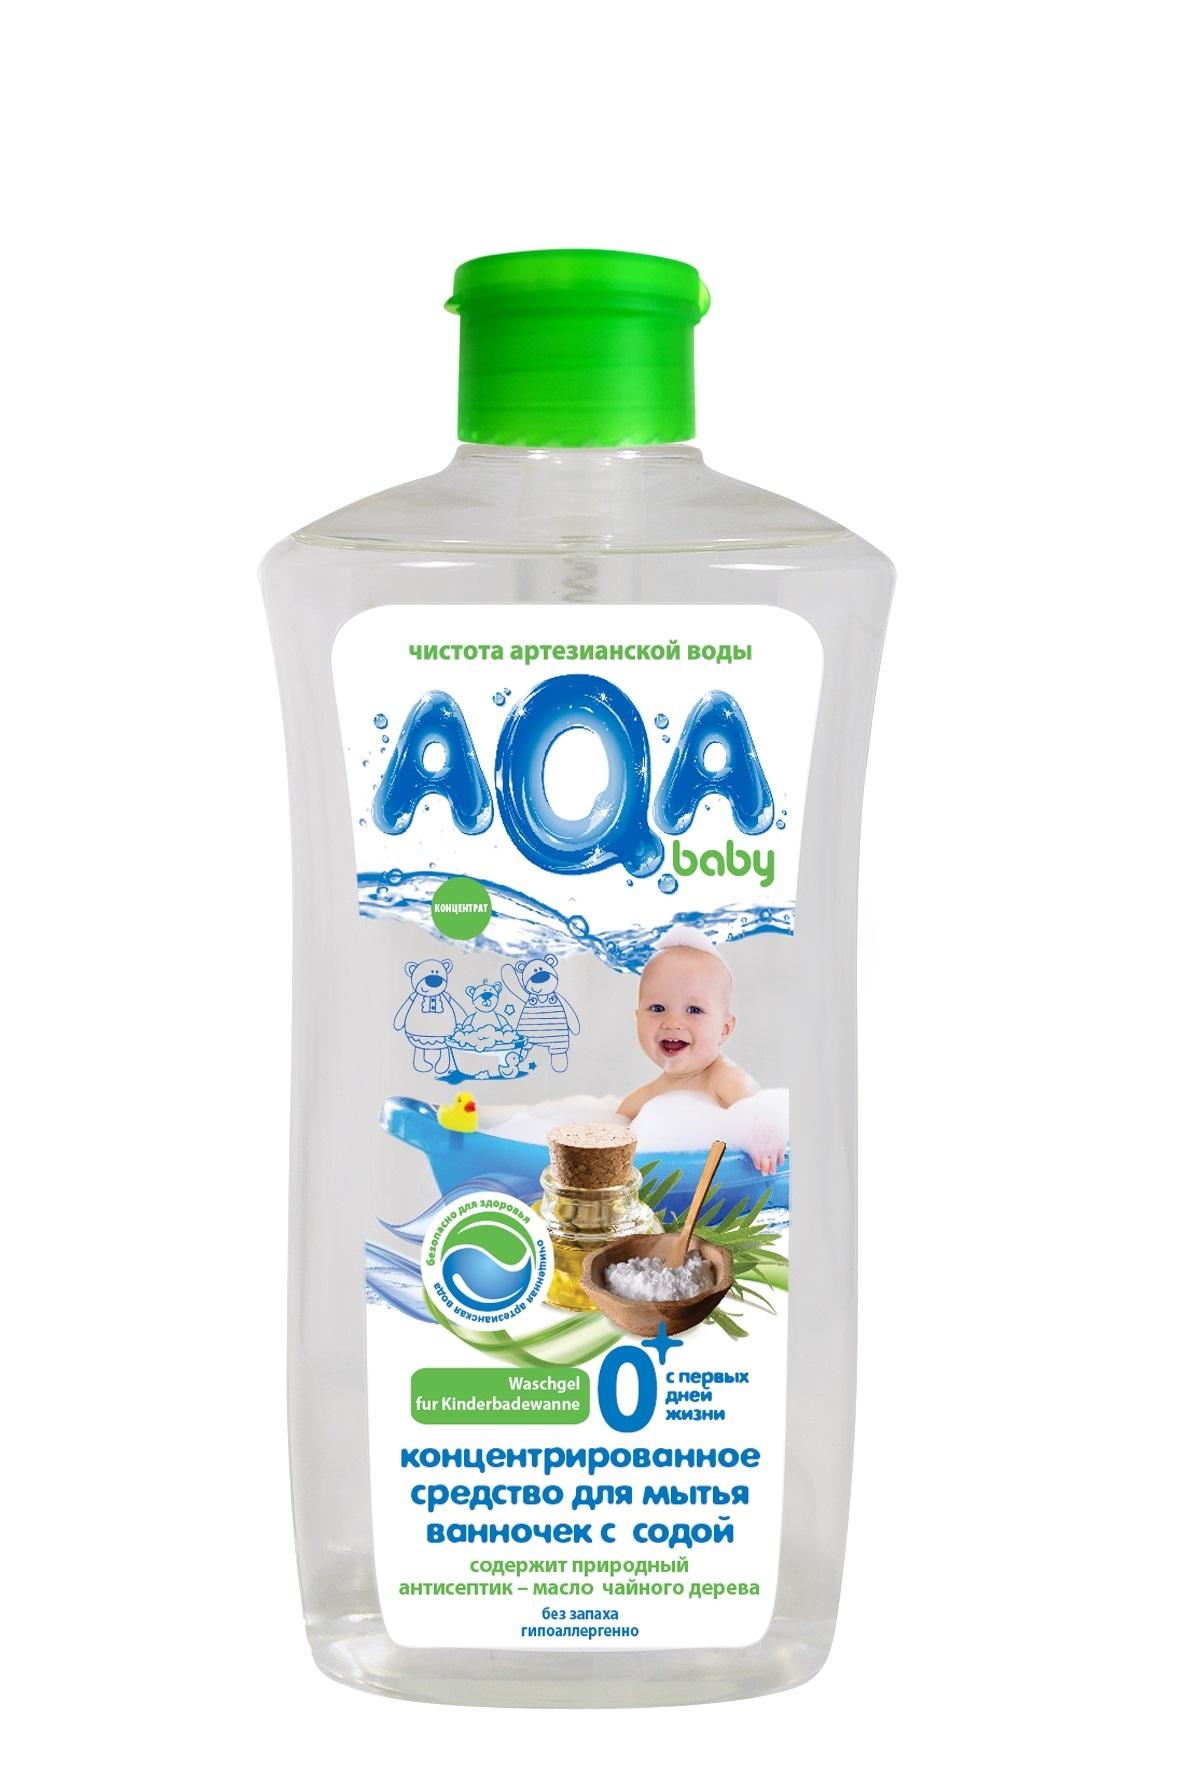 Средства для мытья посуды AQA baby Концентрированное средство для мытья ванночек AQA baby с содой 500 мл aqa baby защитный крем 02012104 50 мл от мороза и непогоды